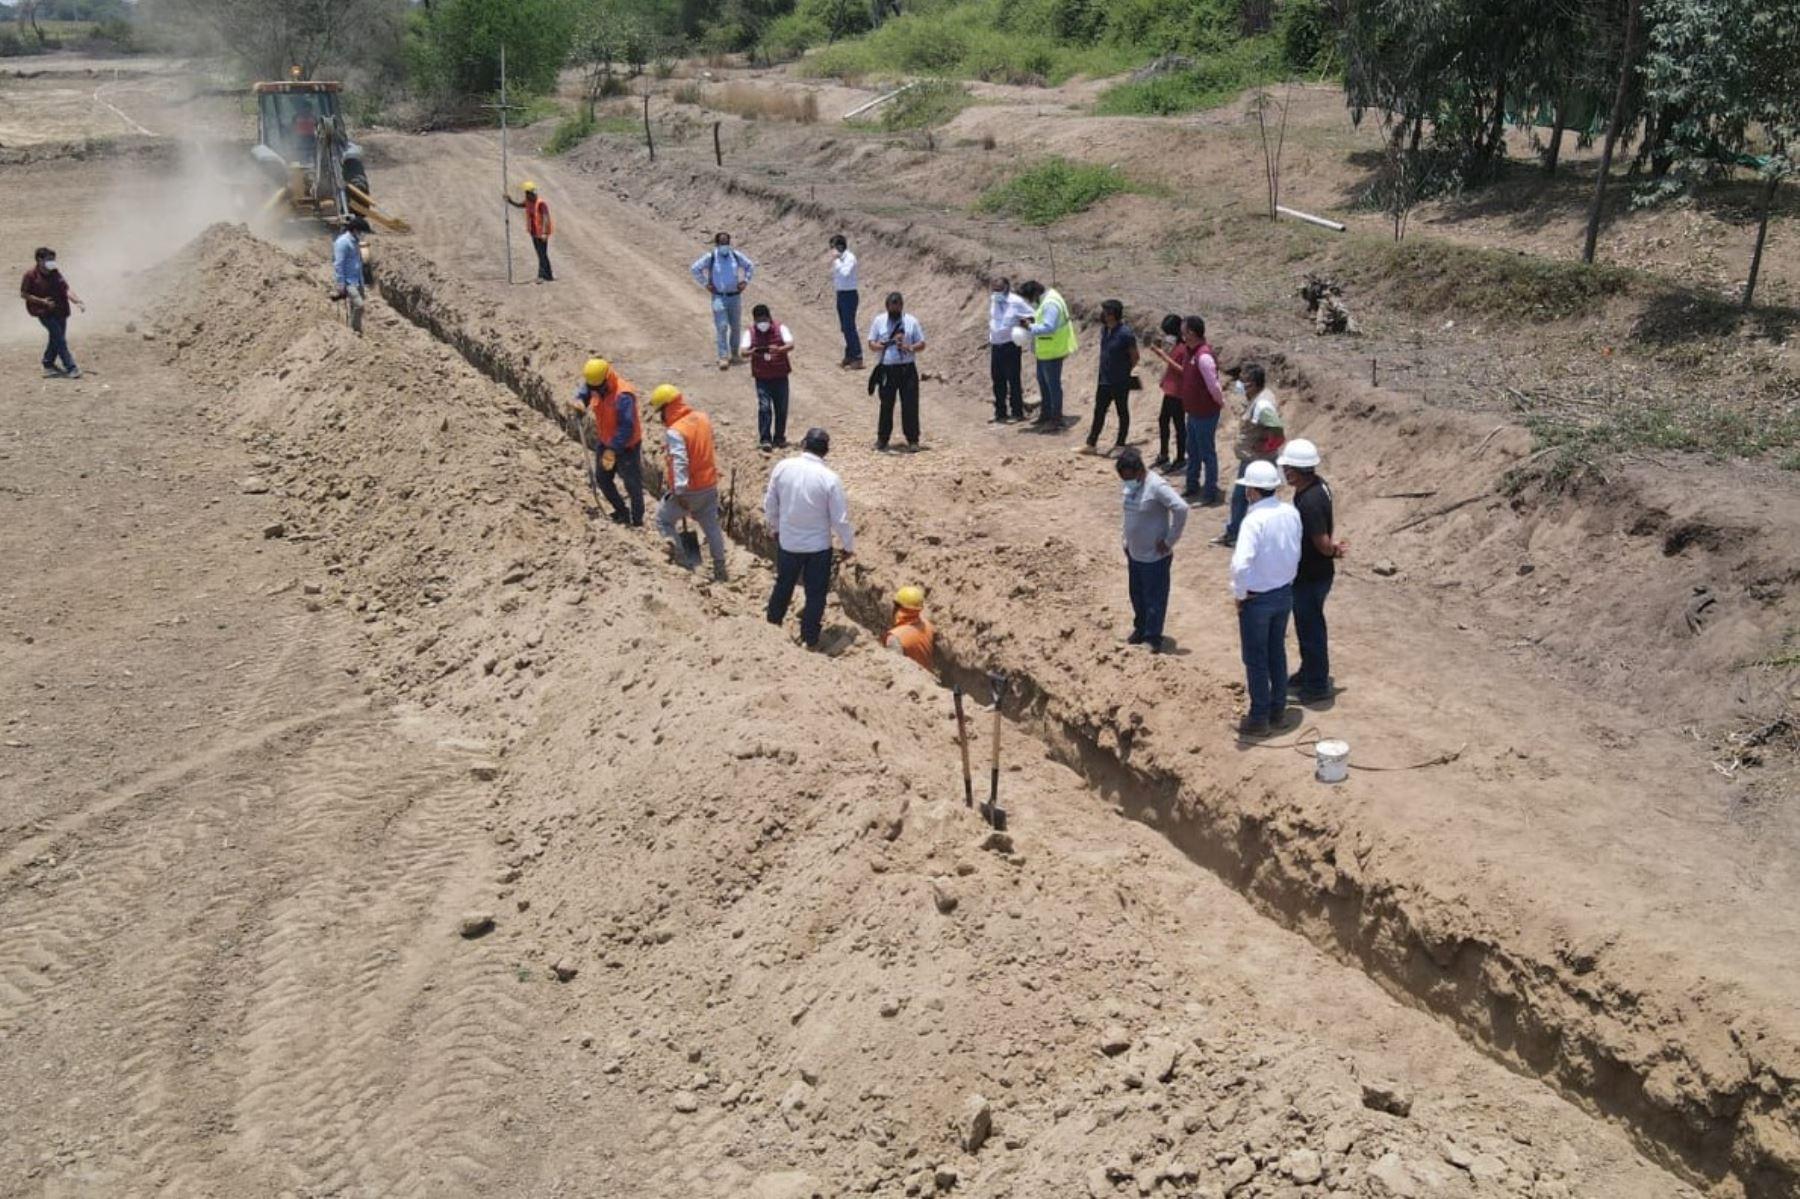 Obras de saneamiento para llevar agua de calidad al distrito de Pacora, en la región Lambayeque. Foto: ANDINA/Difusión